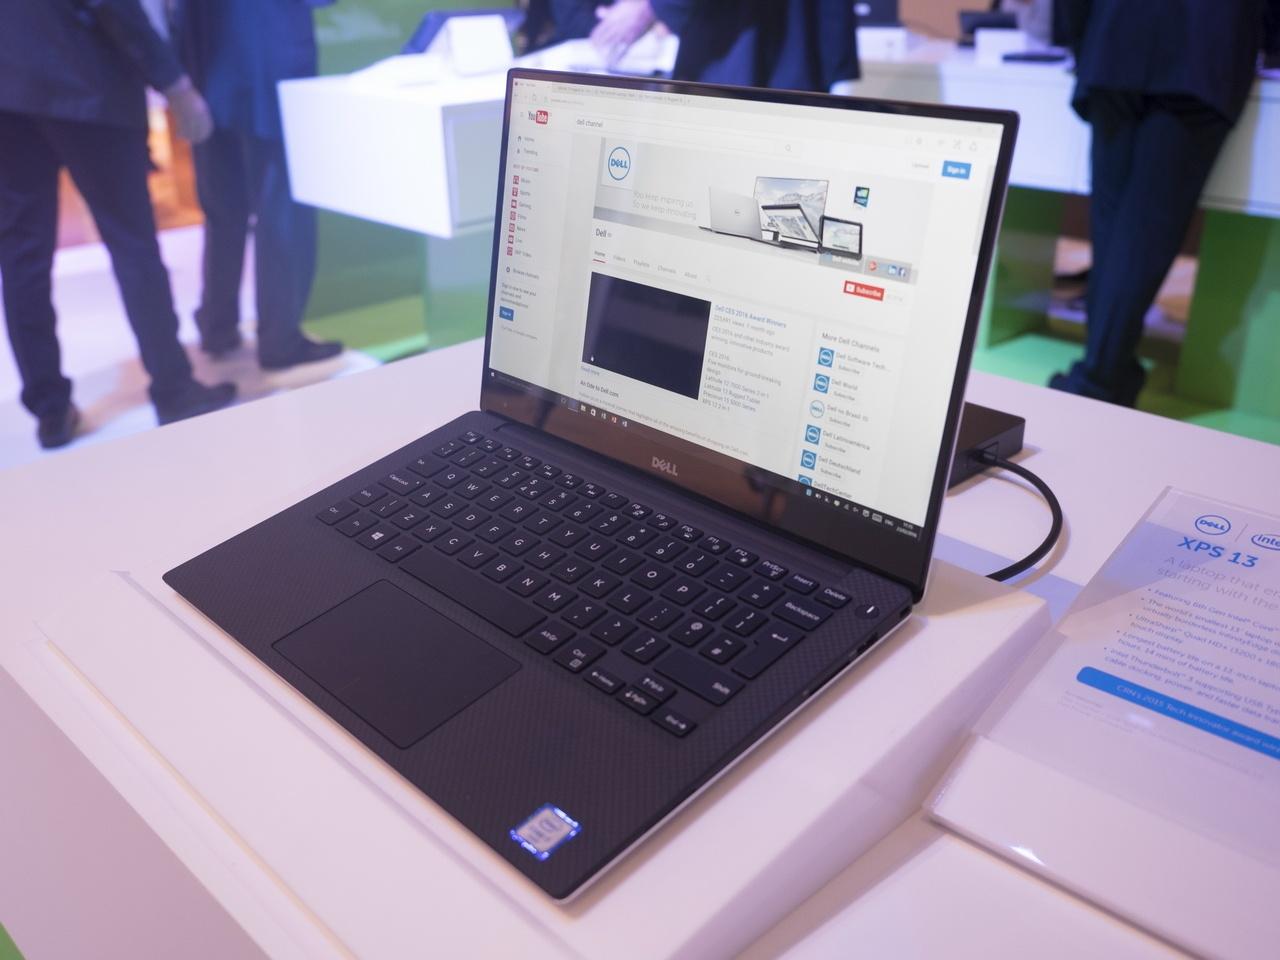 Dell на Mobile World Congress: подготовка к эпохе IoT, модульные дата-центры, OEM-решения и защищенный планшет - 10